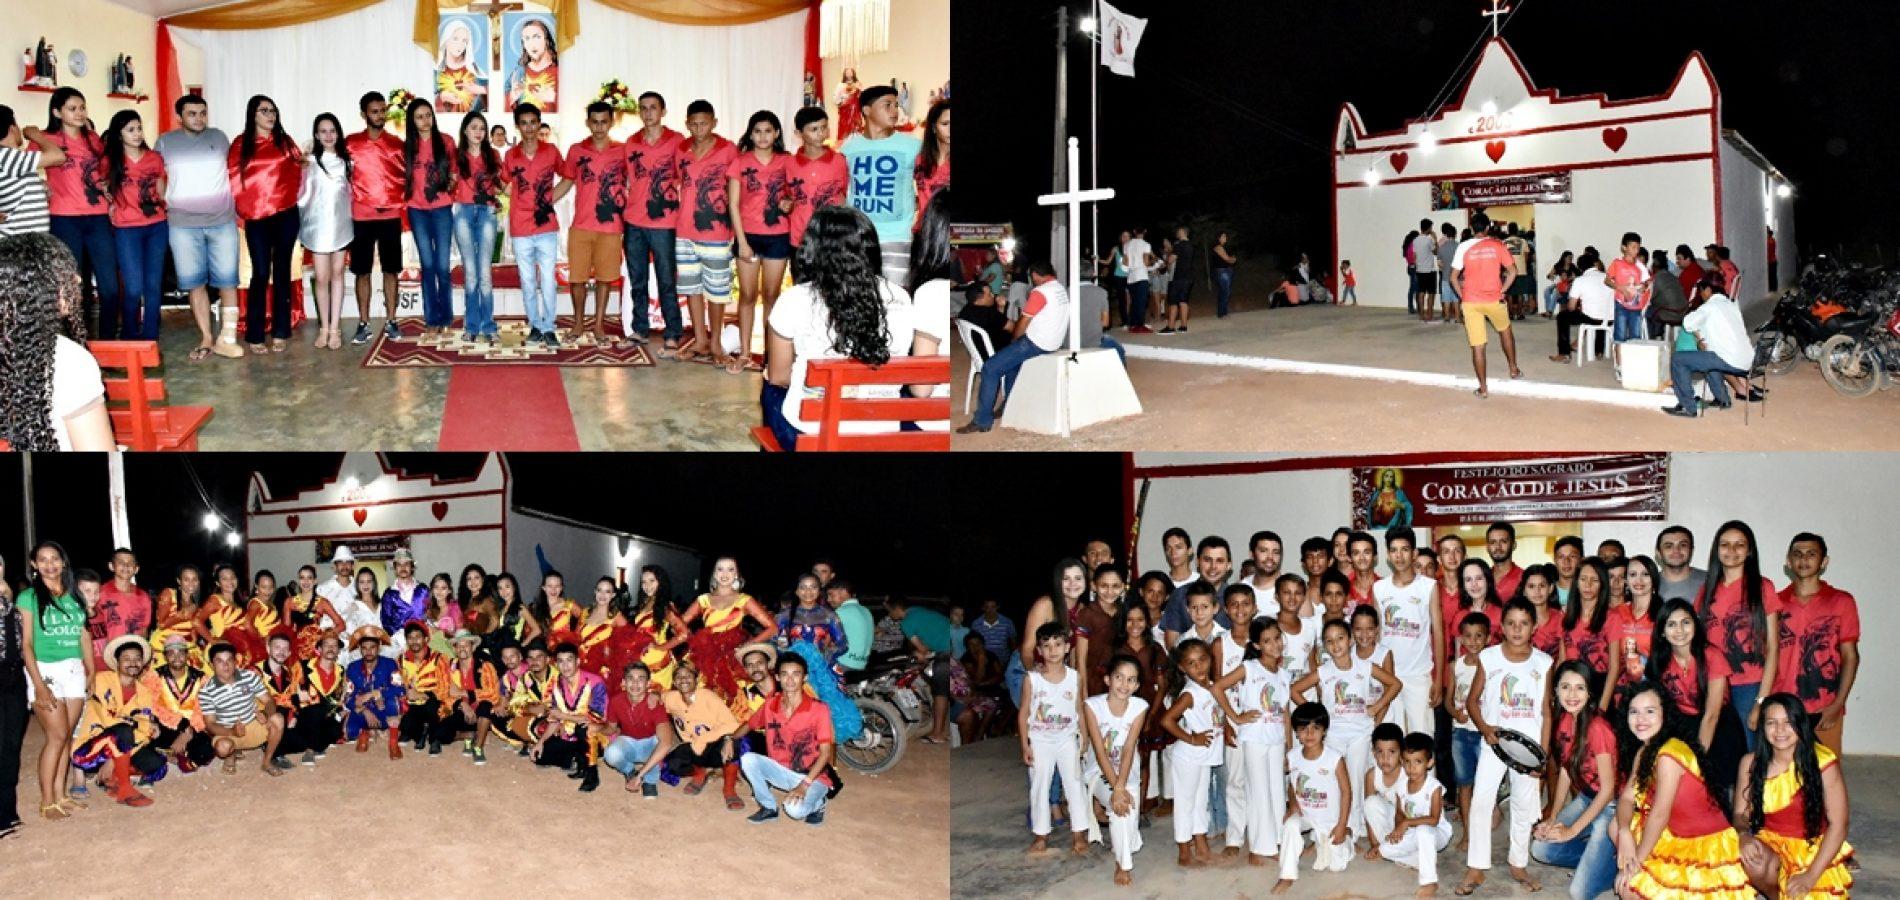 ALEGRETE | Novena e apresentações culturais marcam noite da Juventude nos festejos de Catolé